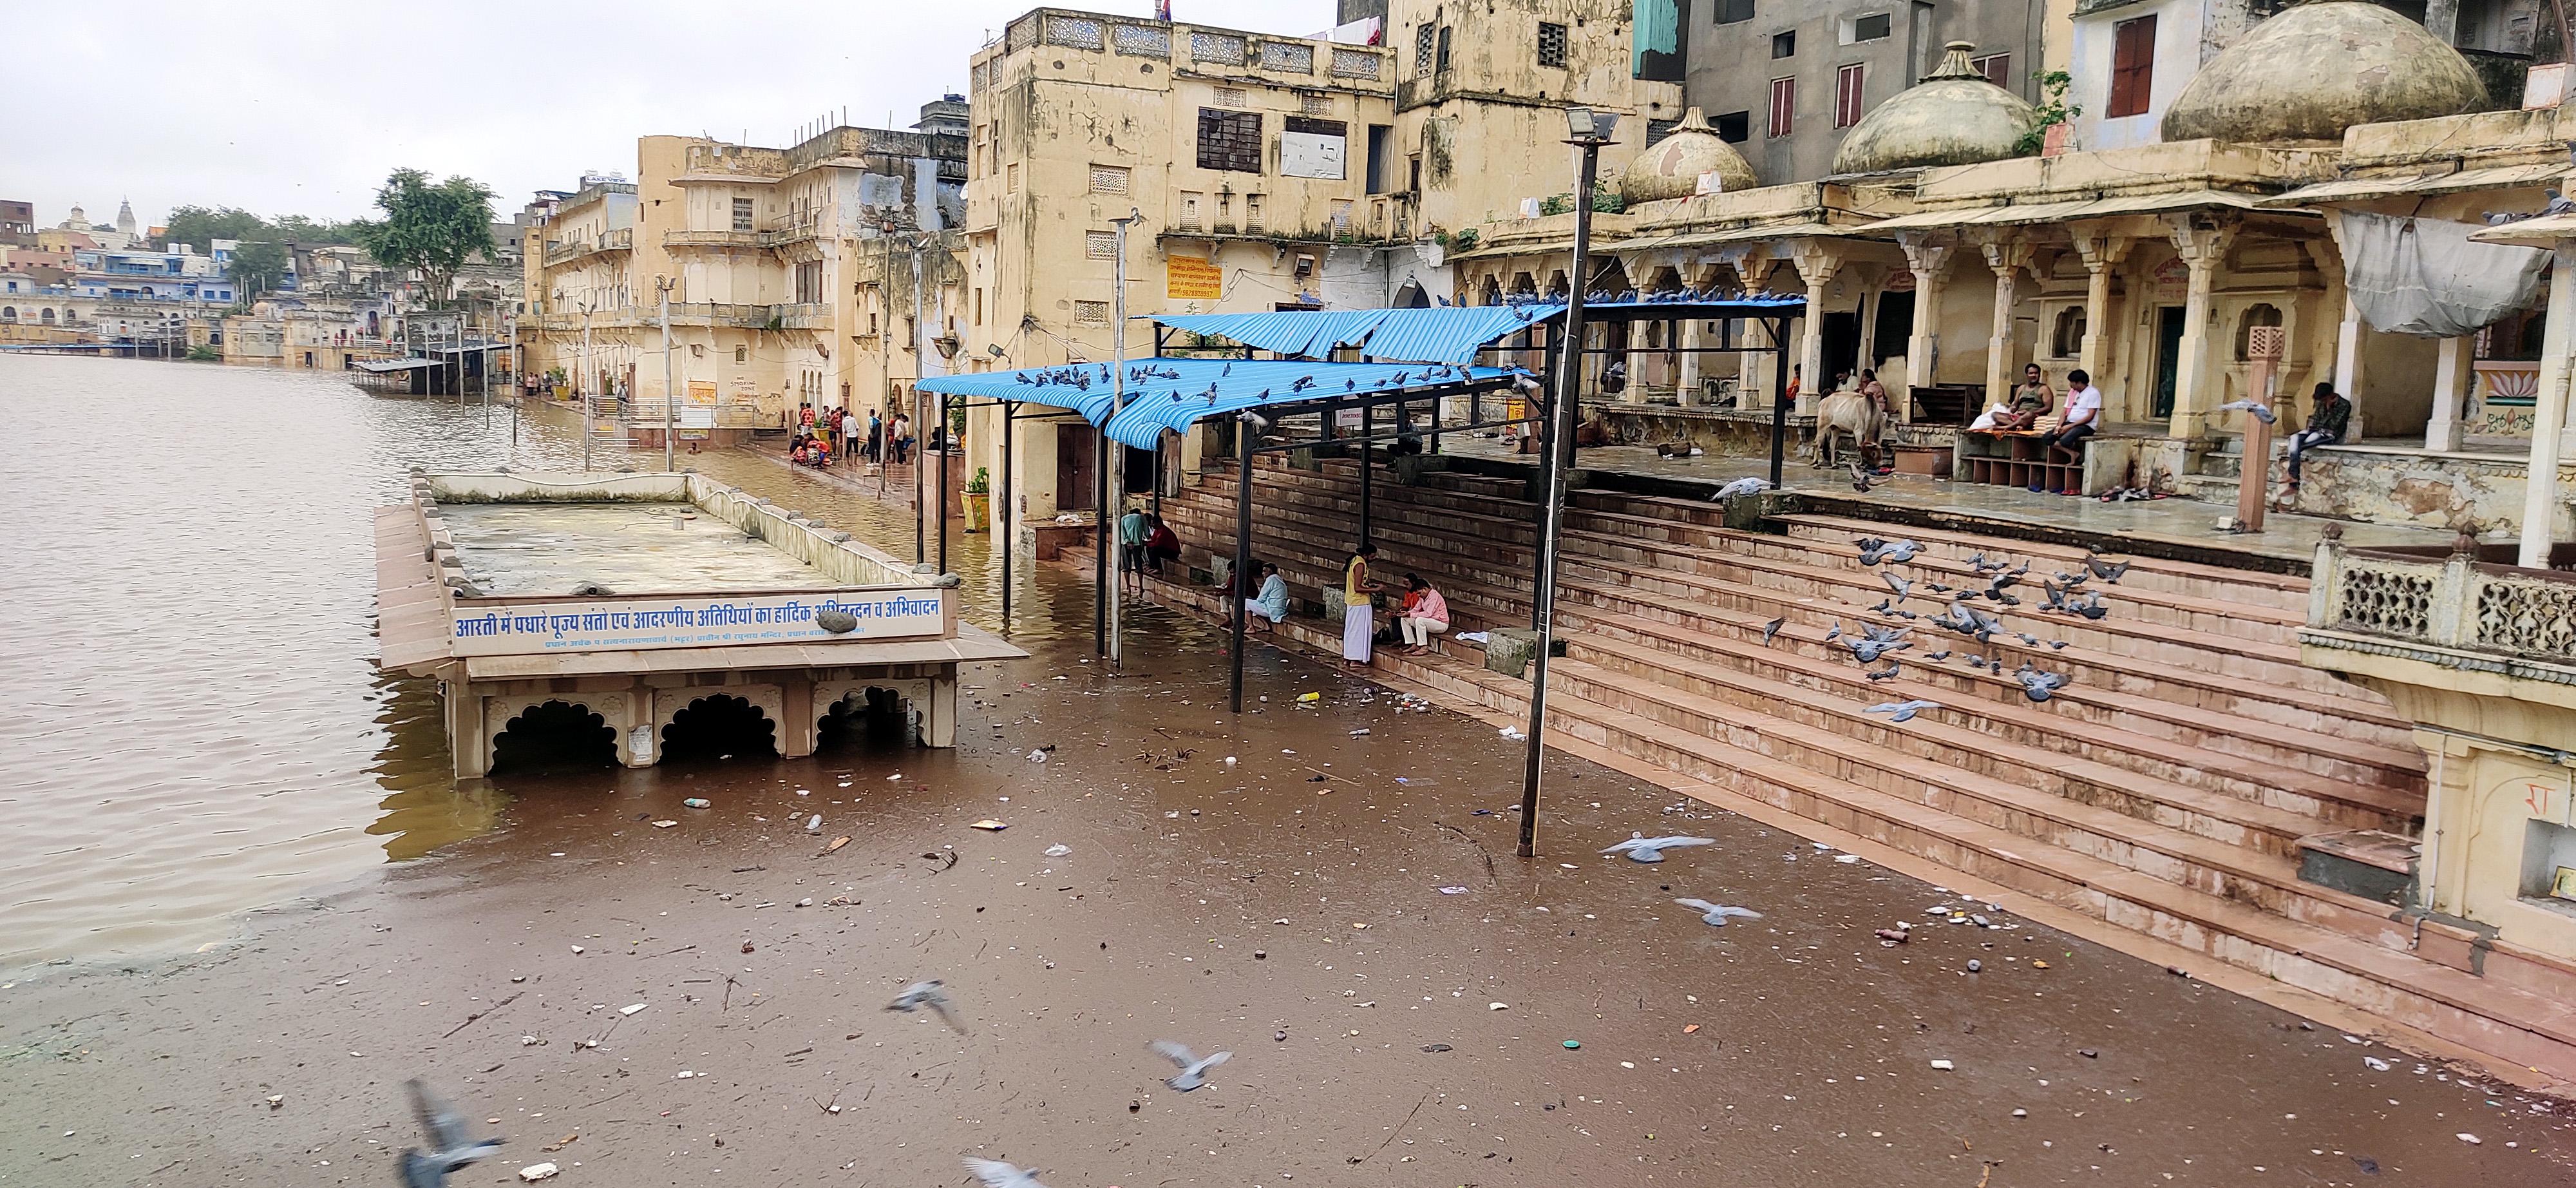 अजमेर की पुष्कर झील में पानी का लेवल बारिश की वजह से काफी बढ़ गया है।